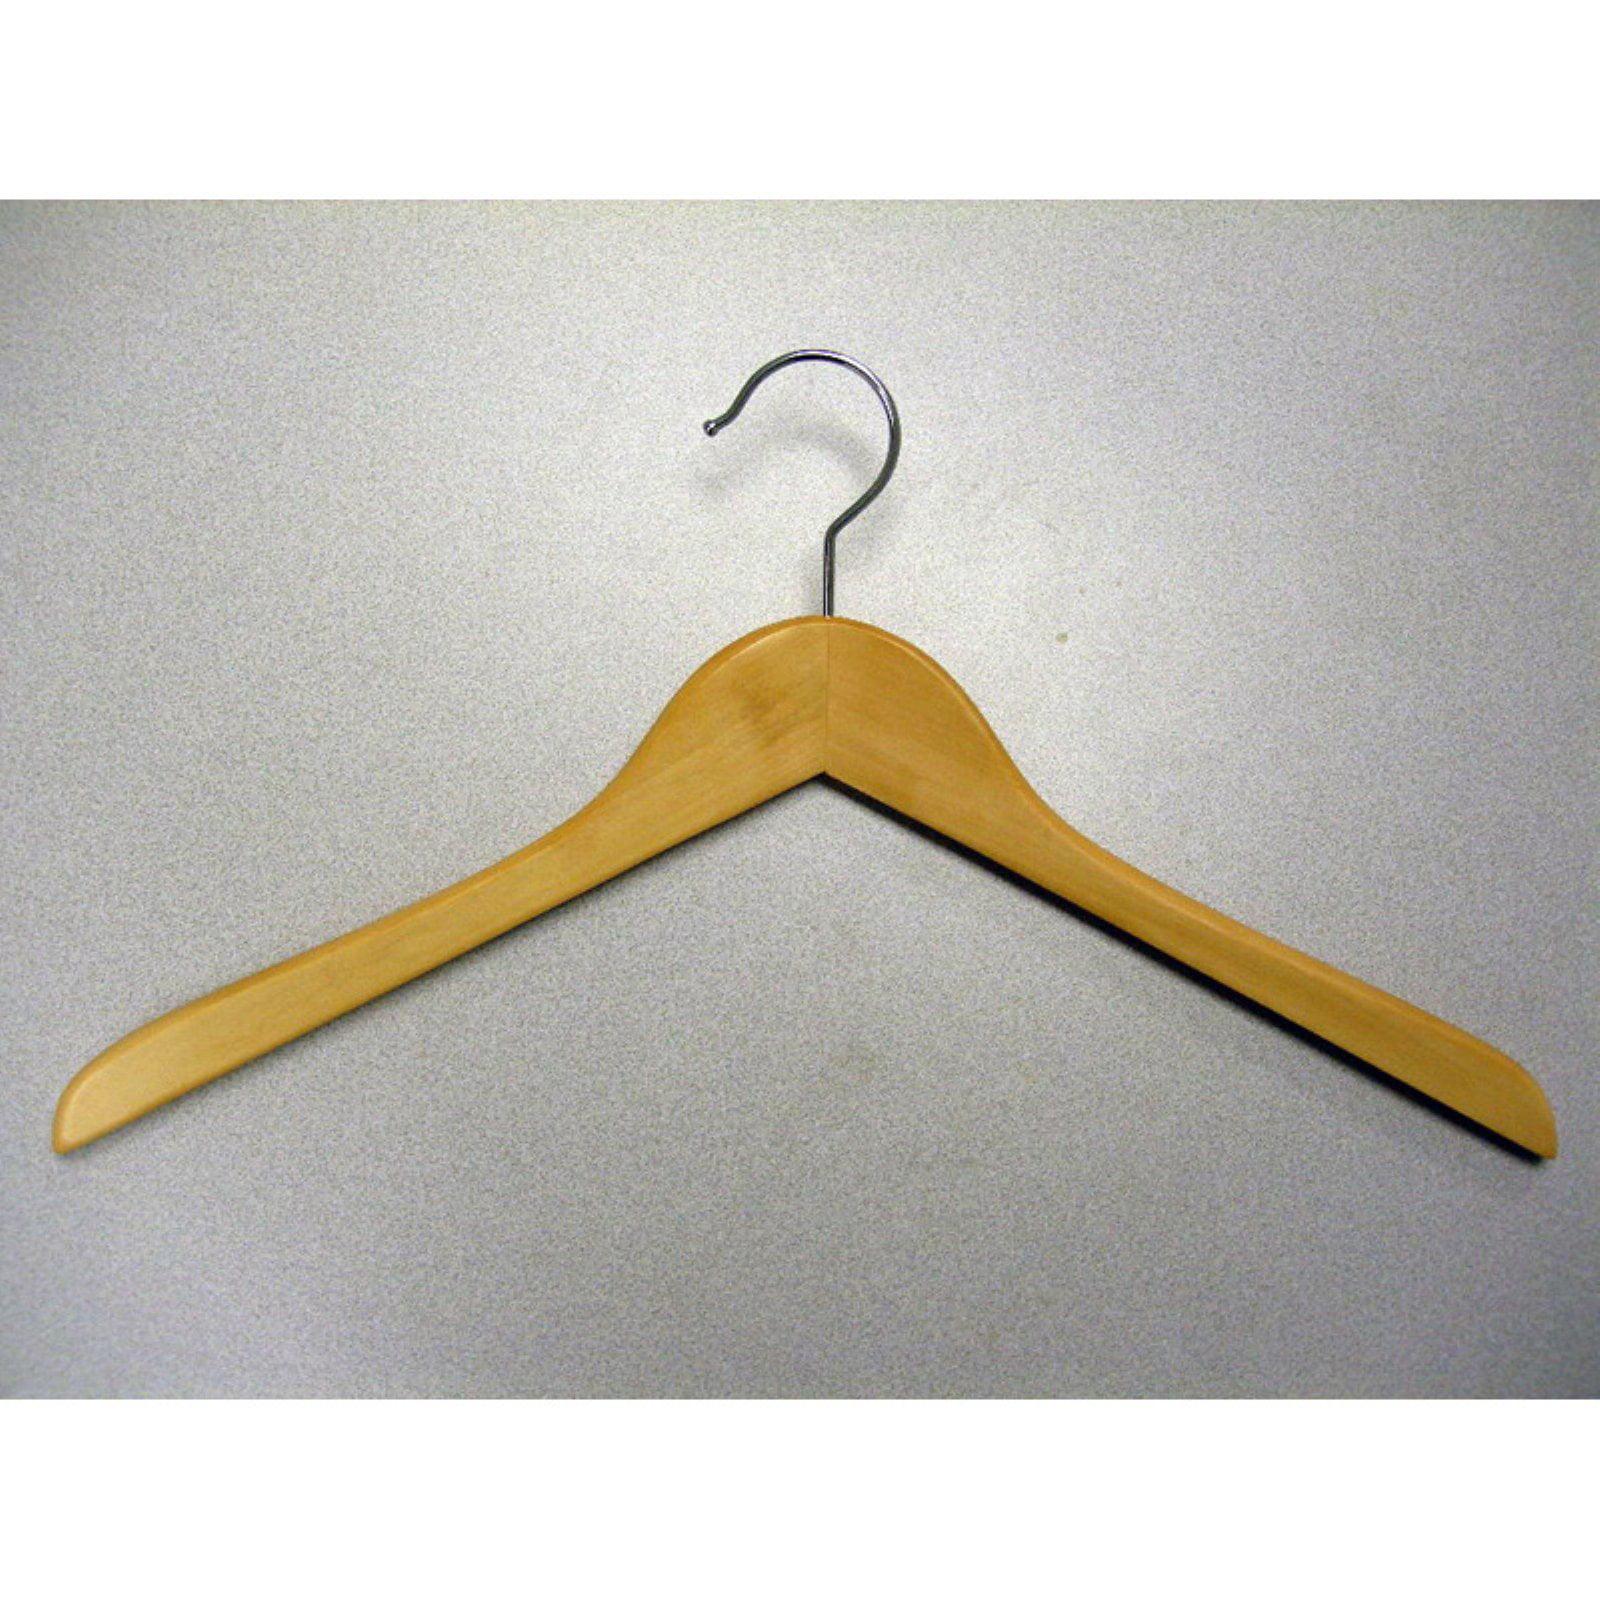 Proman Gemini Concave Coat Hanger - 50 Pieces